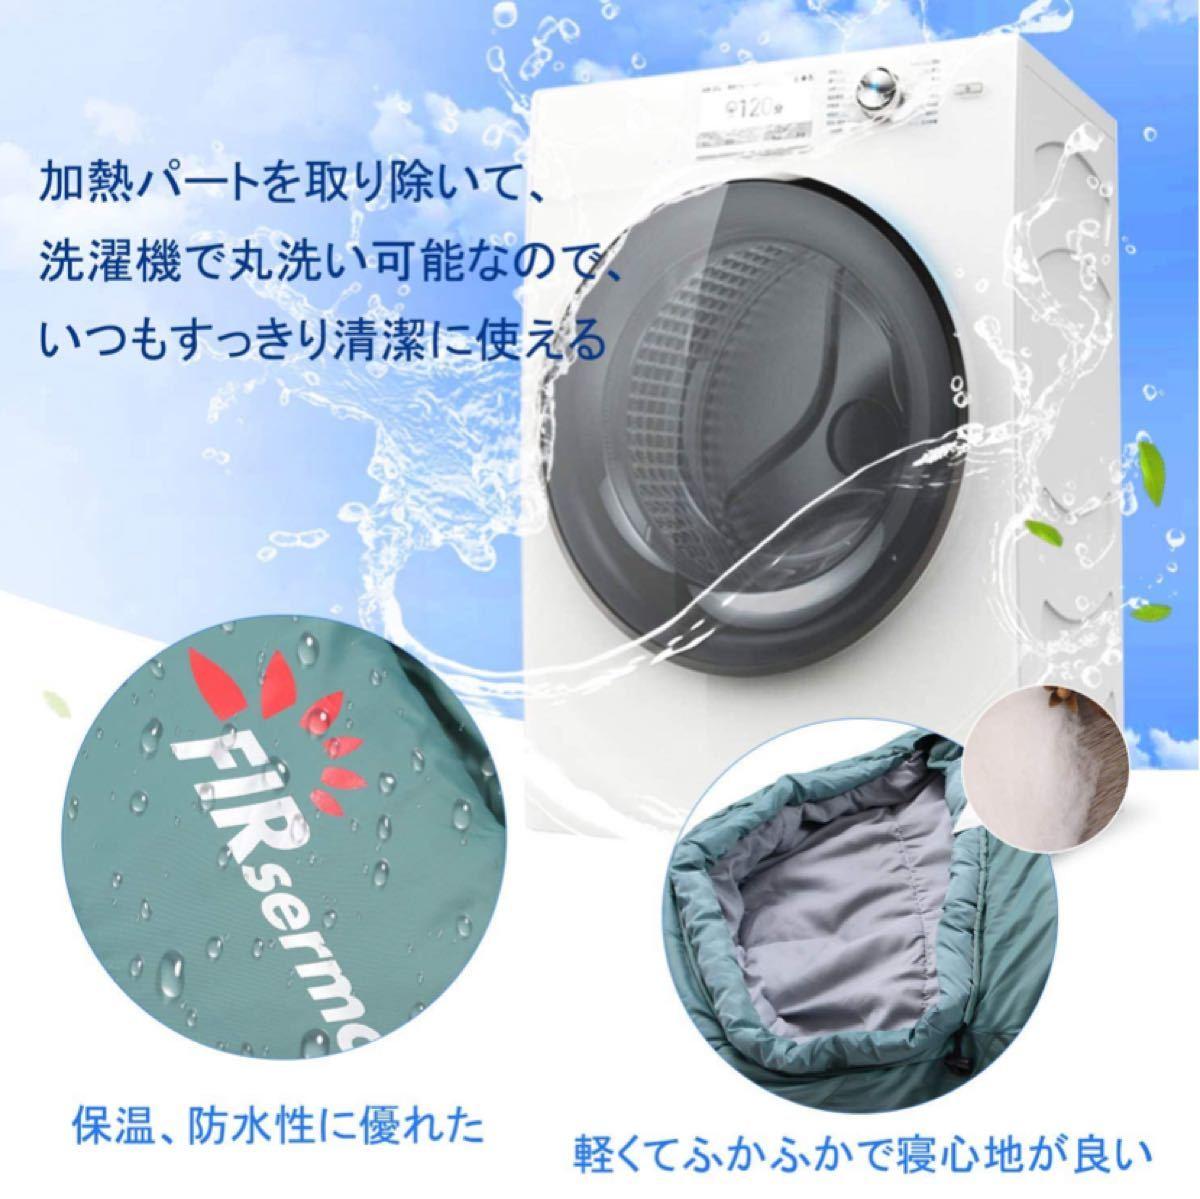 寝袋 シュラフ 封筒型 発熱できる寝袋 usb充電加熱寝袋